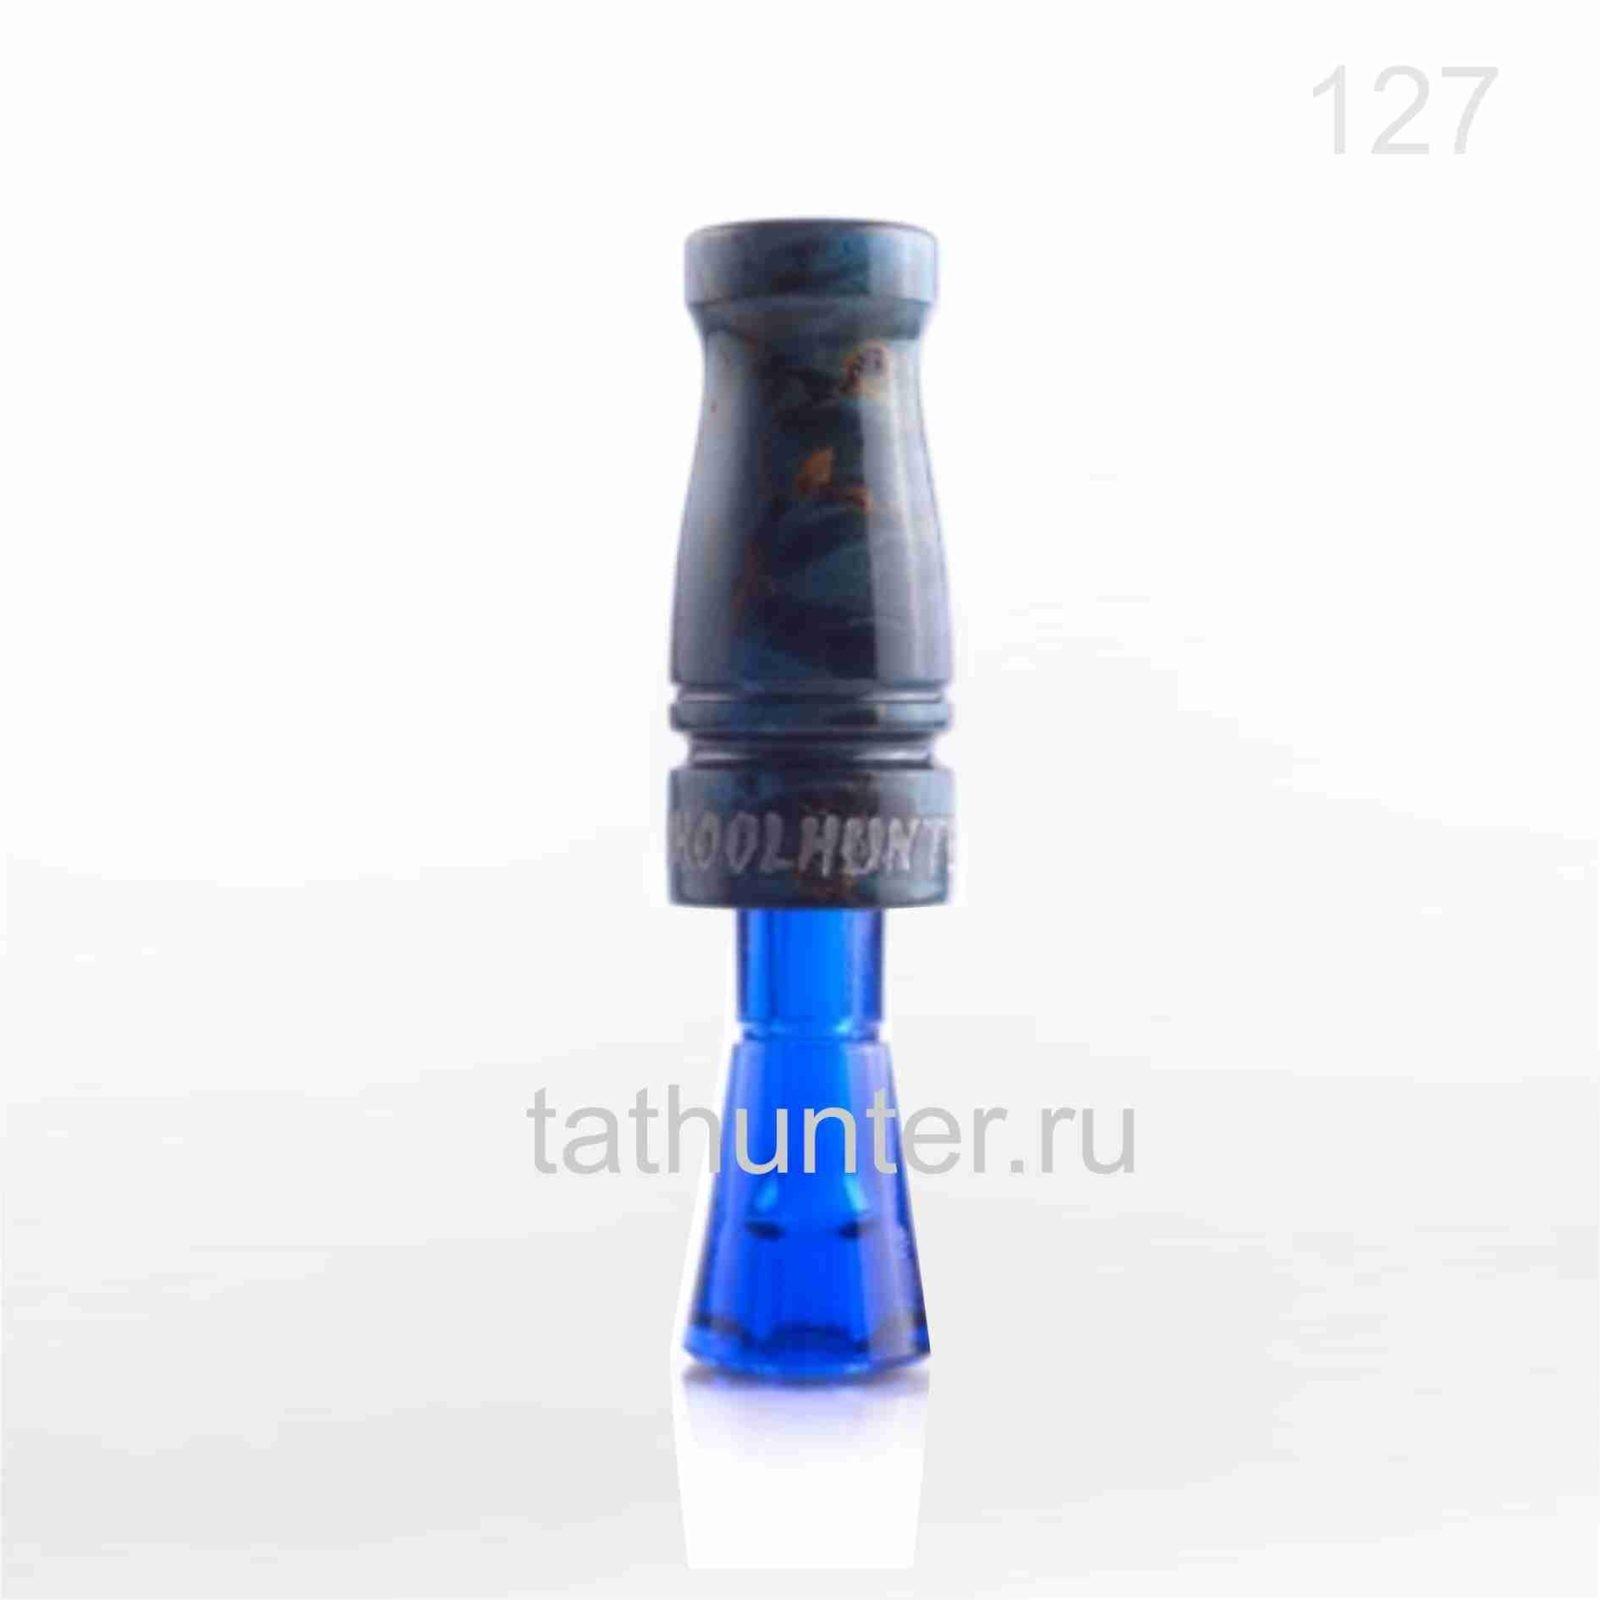 """Утиный манок Schoolhunter серия """"Одержимость"""" цвет 127"""